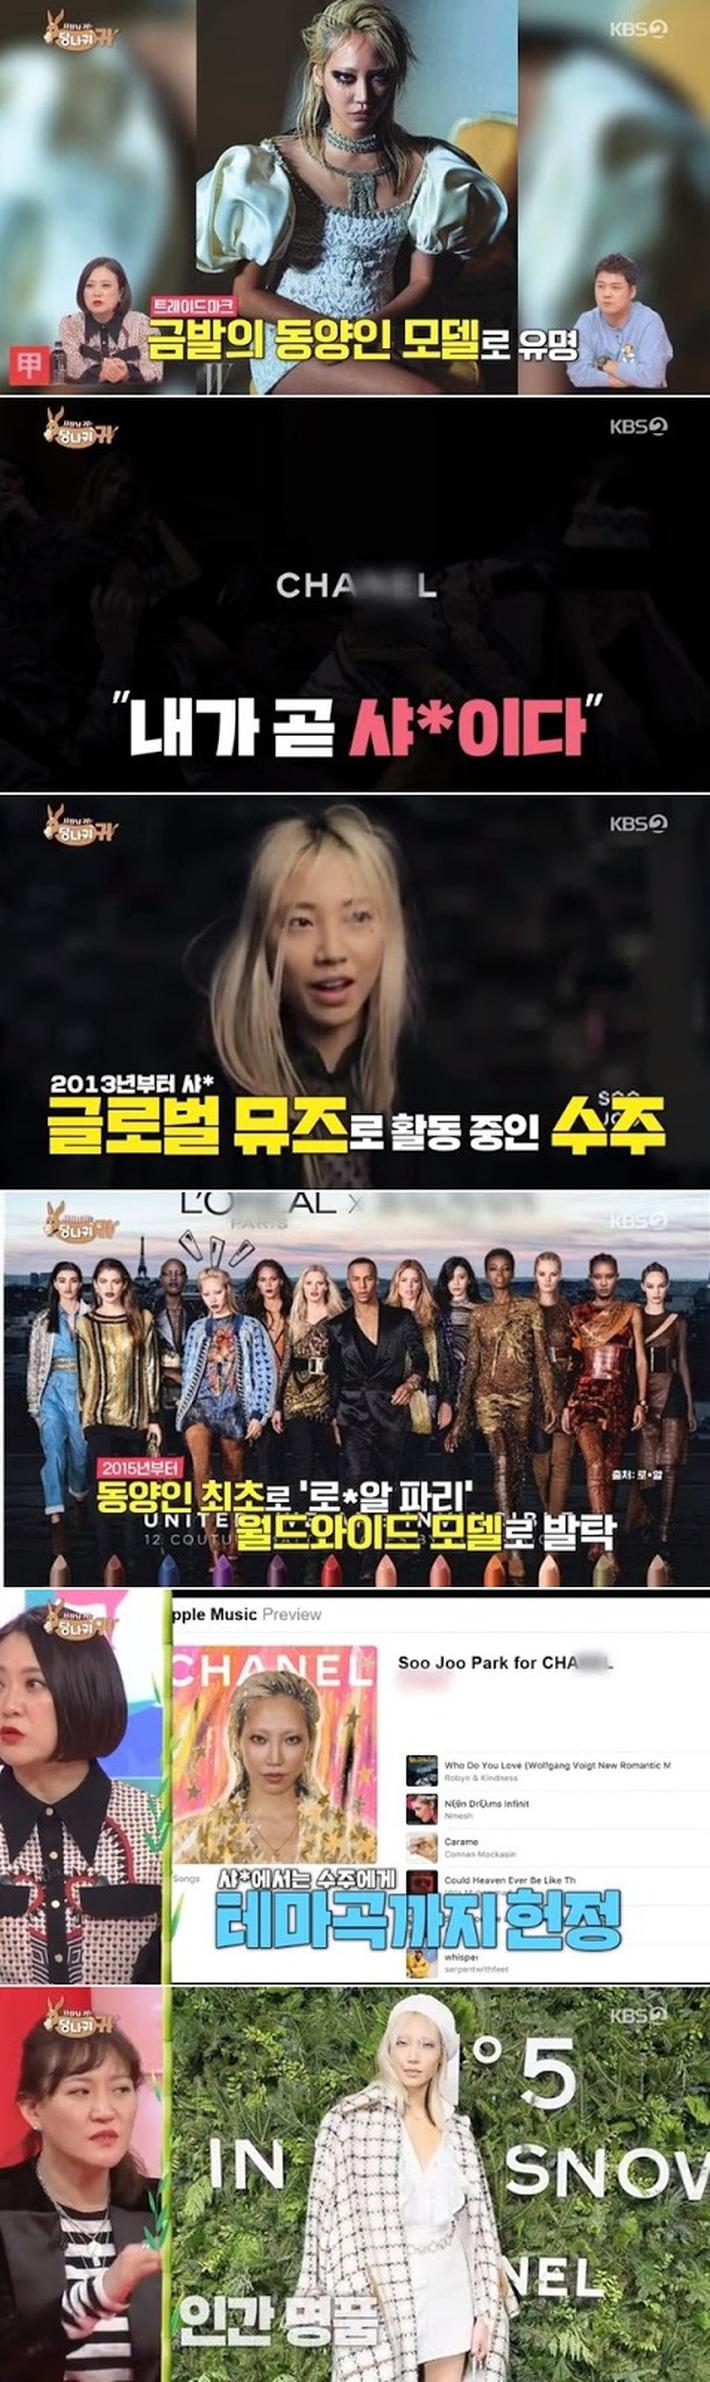 Ngồi yên cũng dính chưởng: Jennie bất ngờ bị netizen mỉa mai rằng không xứng với danh Chanel sống chỉ vì 1 người mẫu xứ Hàn - Ảnh 1.